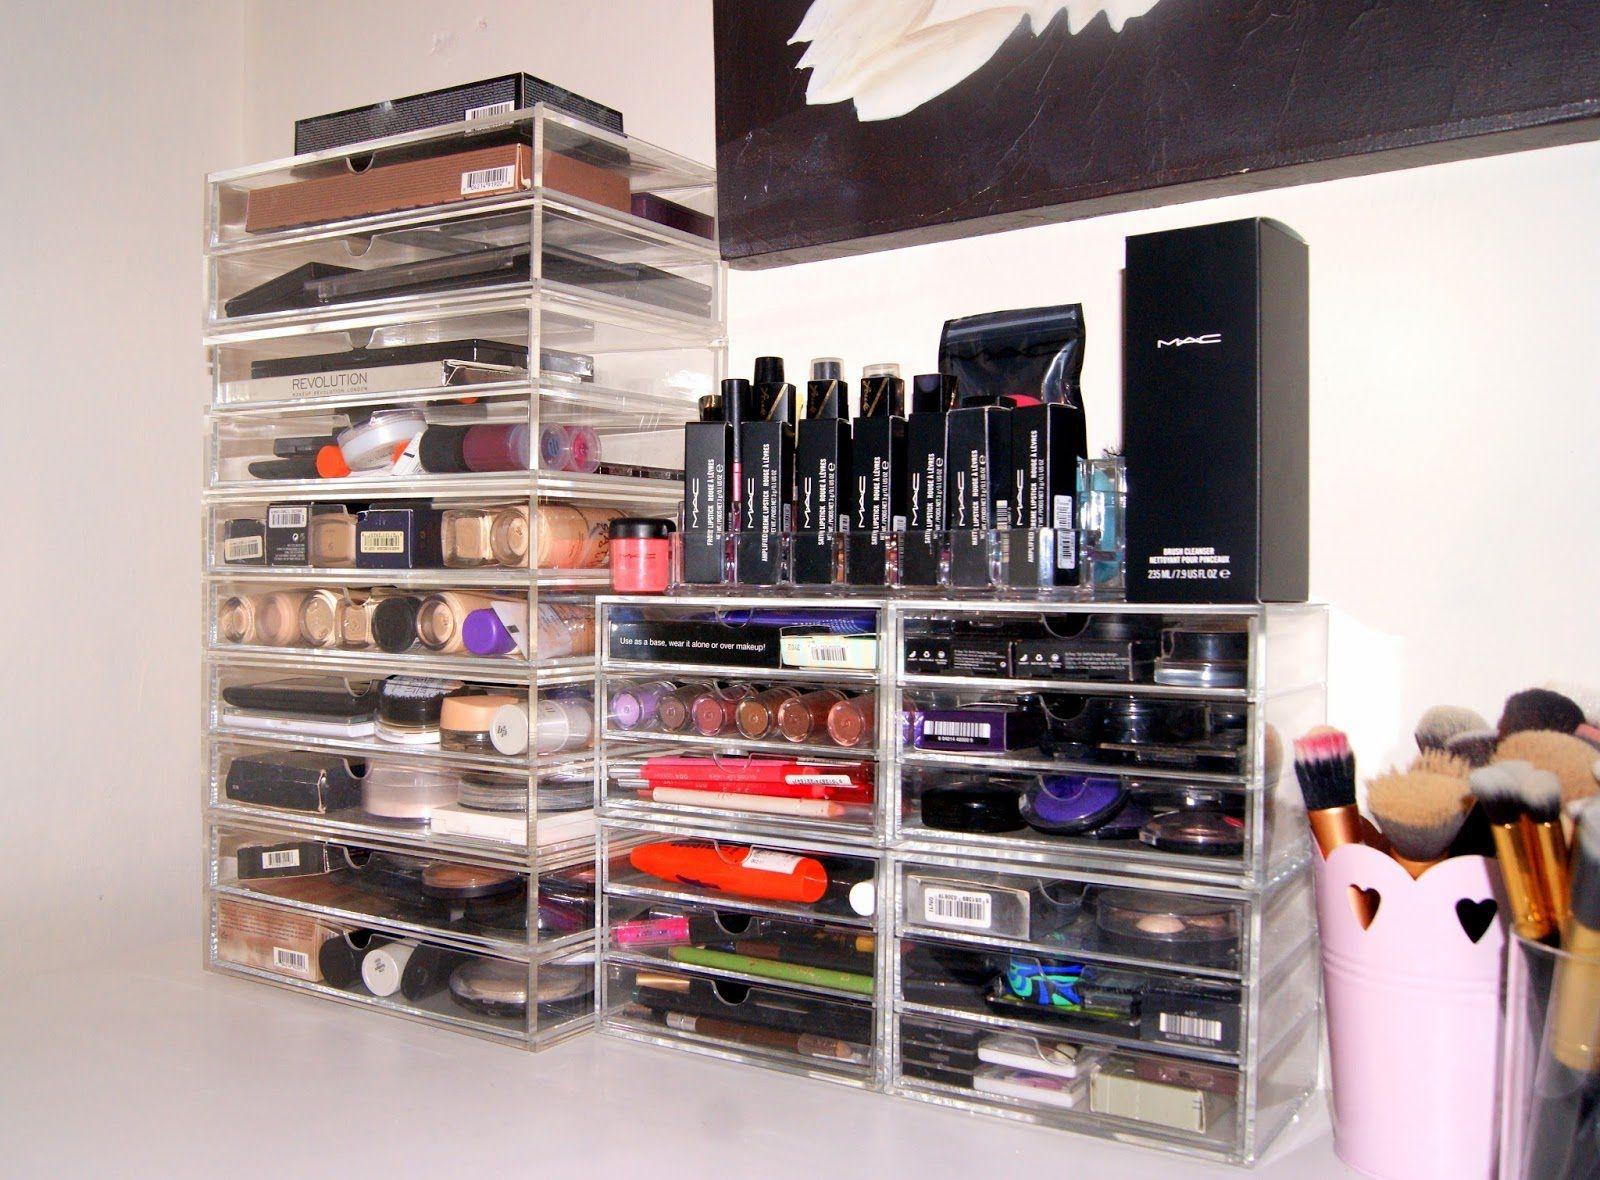 Muji Makeup Organizer Glamorous My Makeup Storage & Collection  Vanity Tour Muji Drawers  Ebony's Design Ideas